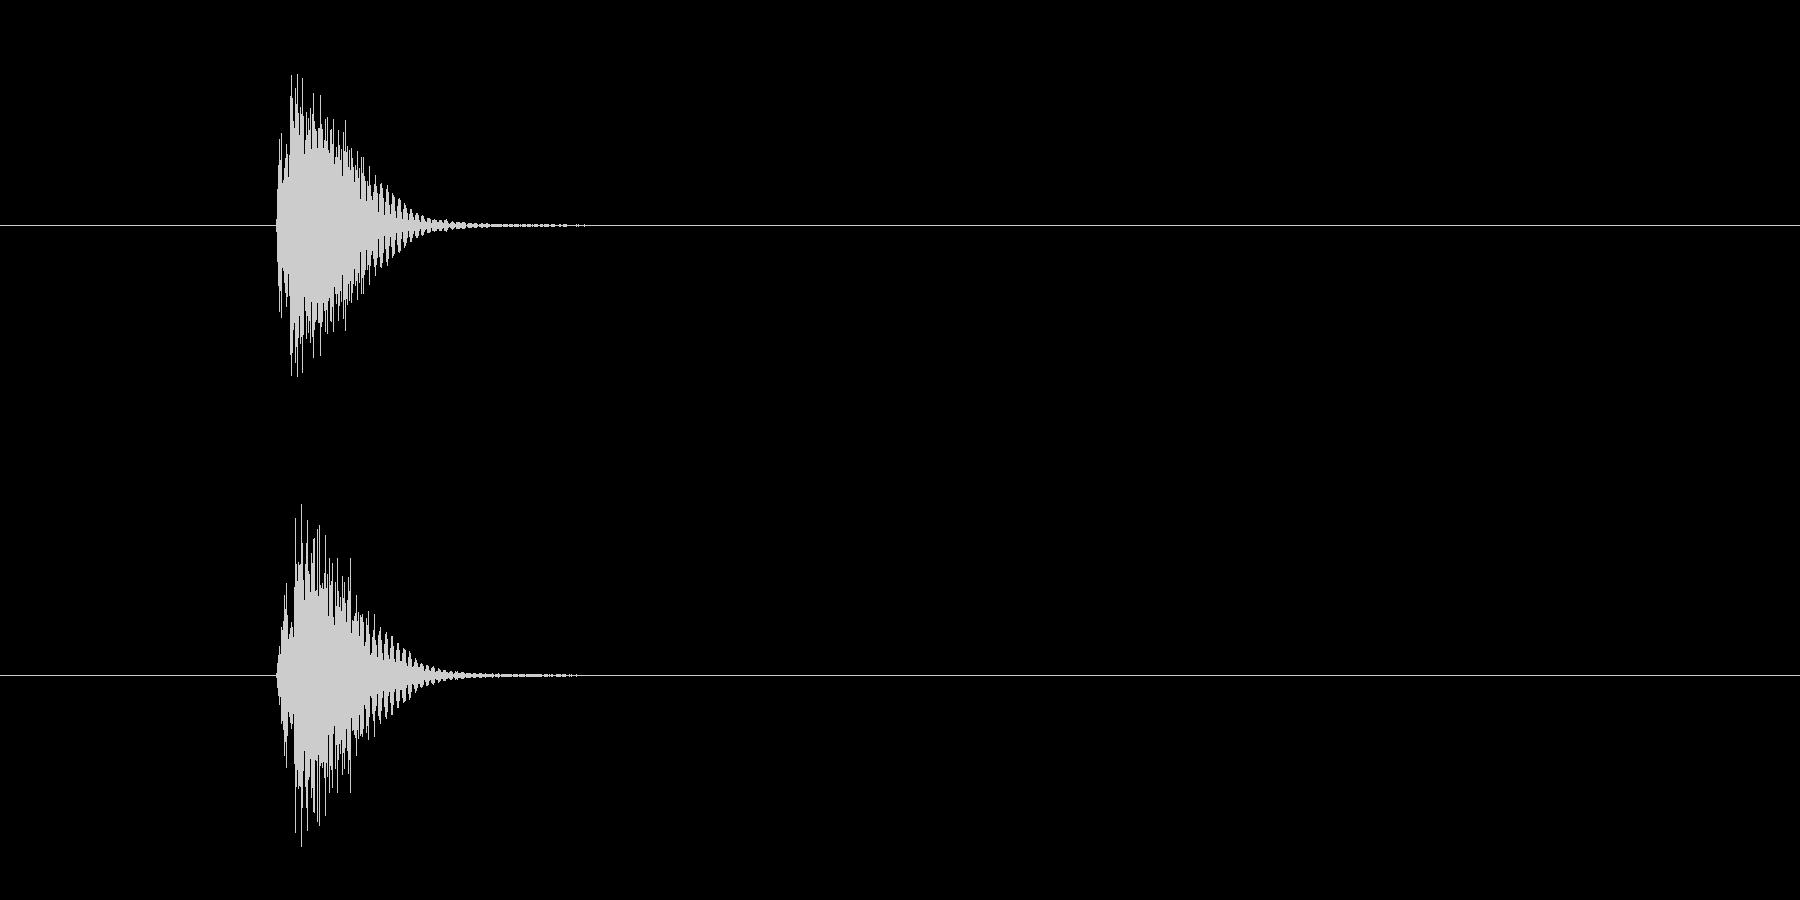 ボタンあるいはタップの決定音SE2の未再生の波形